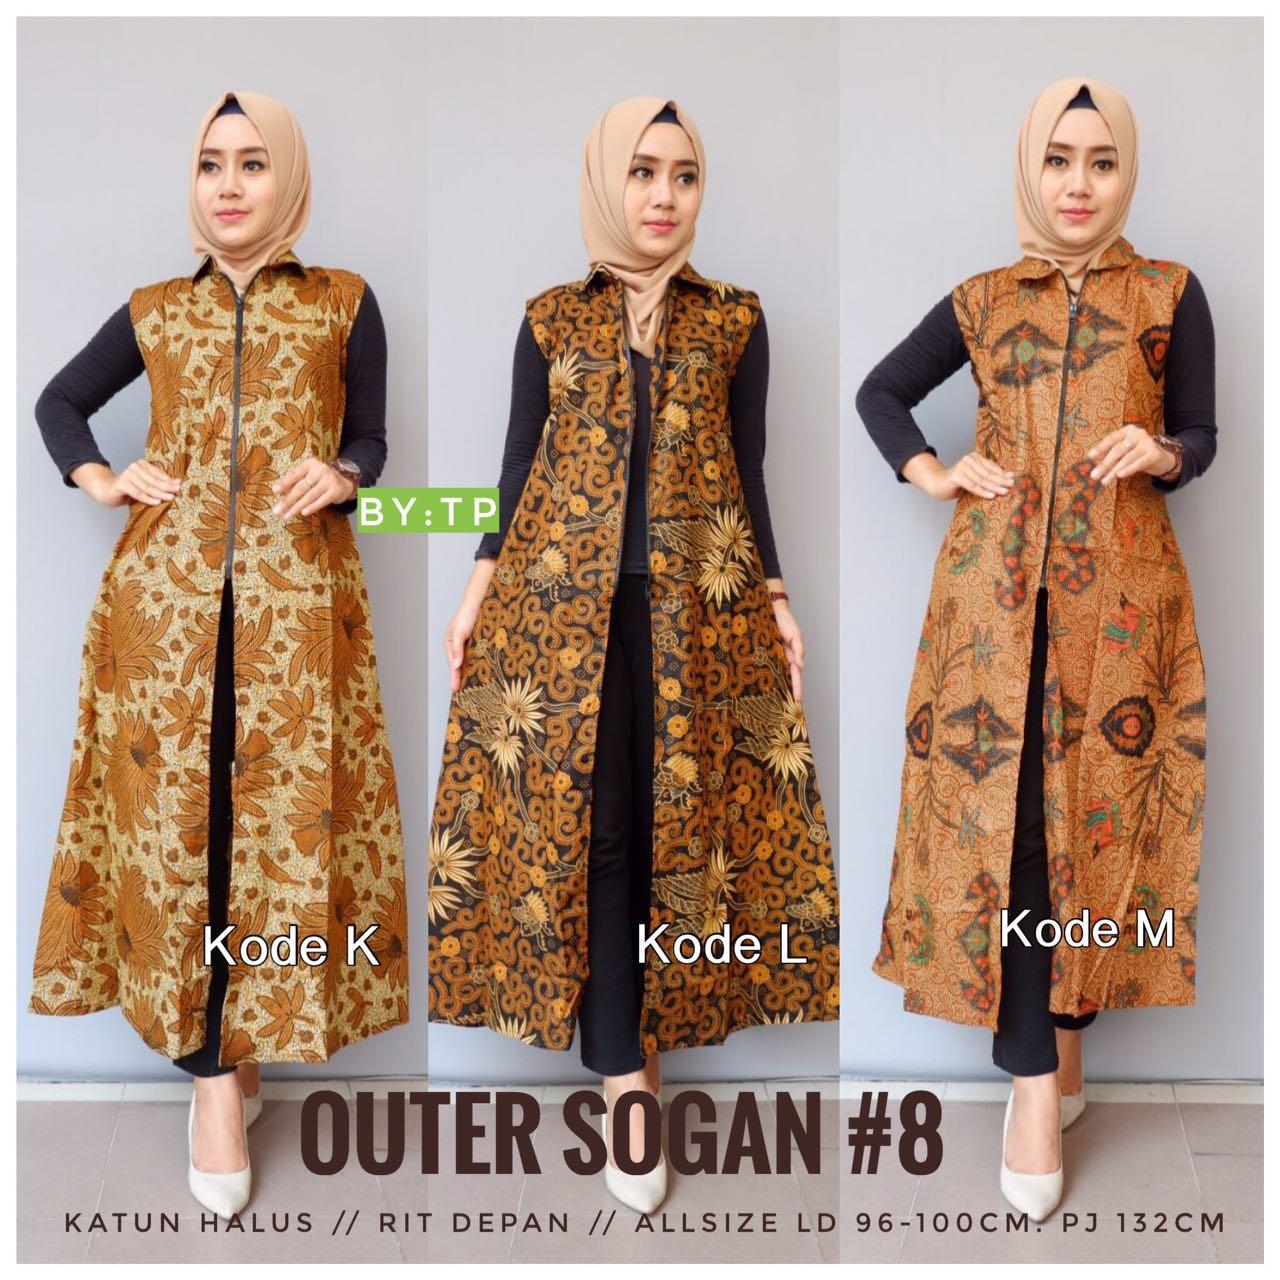 Batik Outer Sogan 8 K L M Aneka Batik Murah